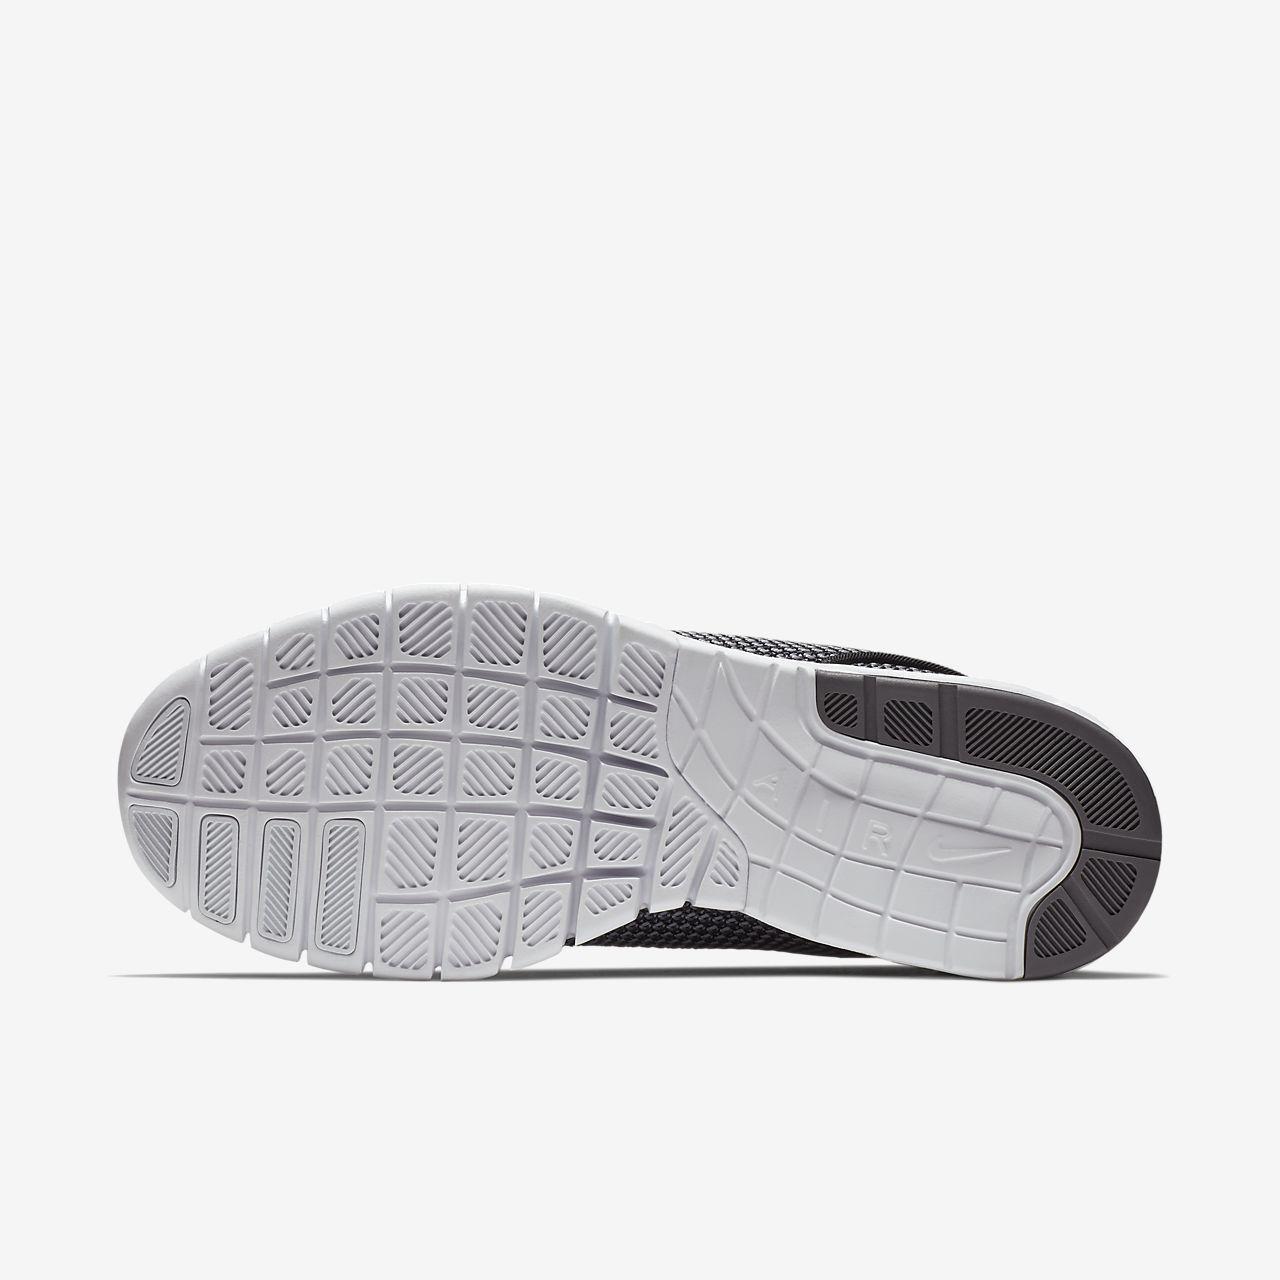 Baskets homme Nike Stefan Janoski Max 631303 024 Officiel De Sortie TkXTHz6K